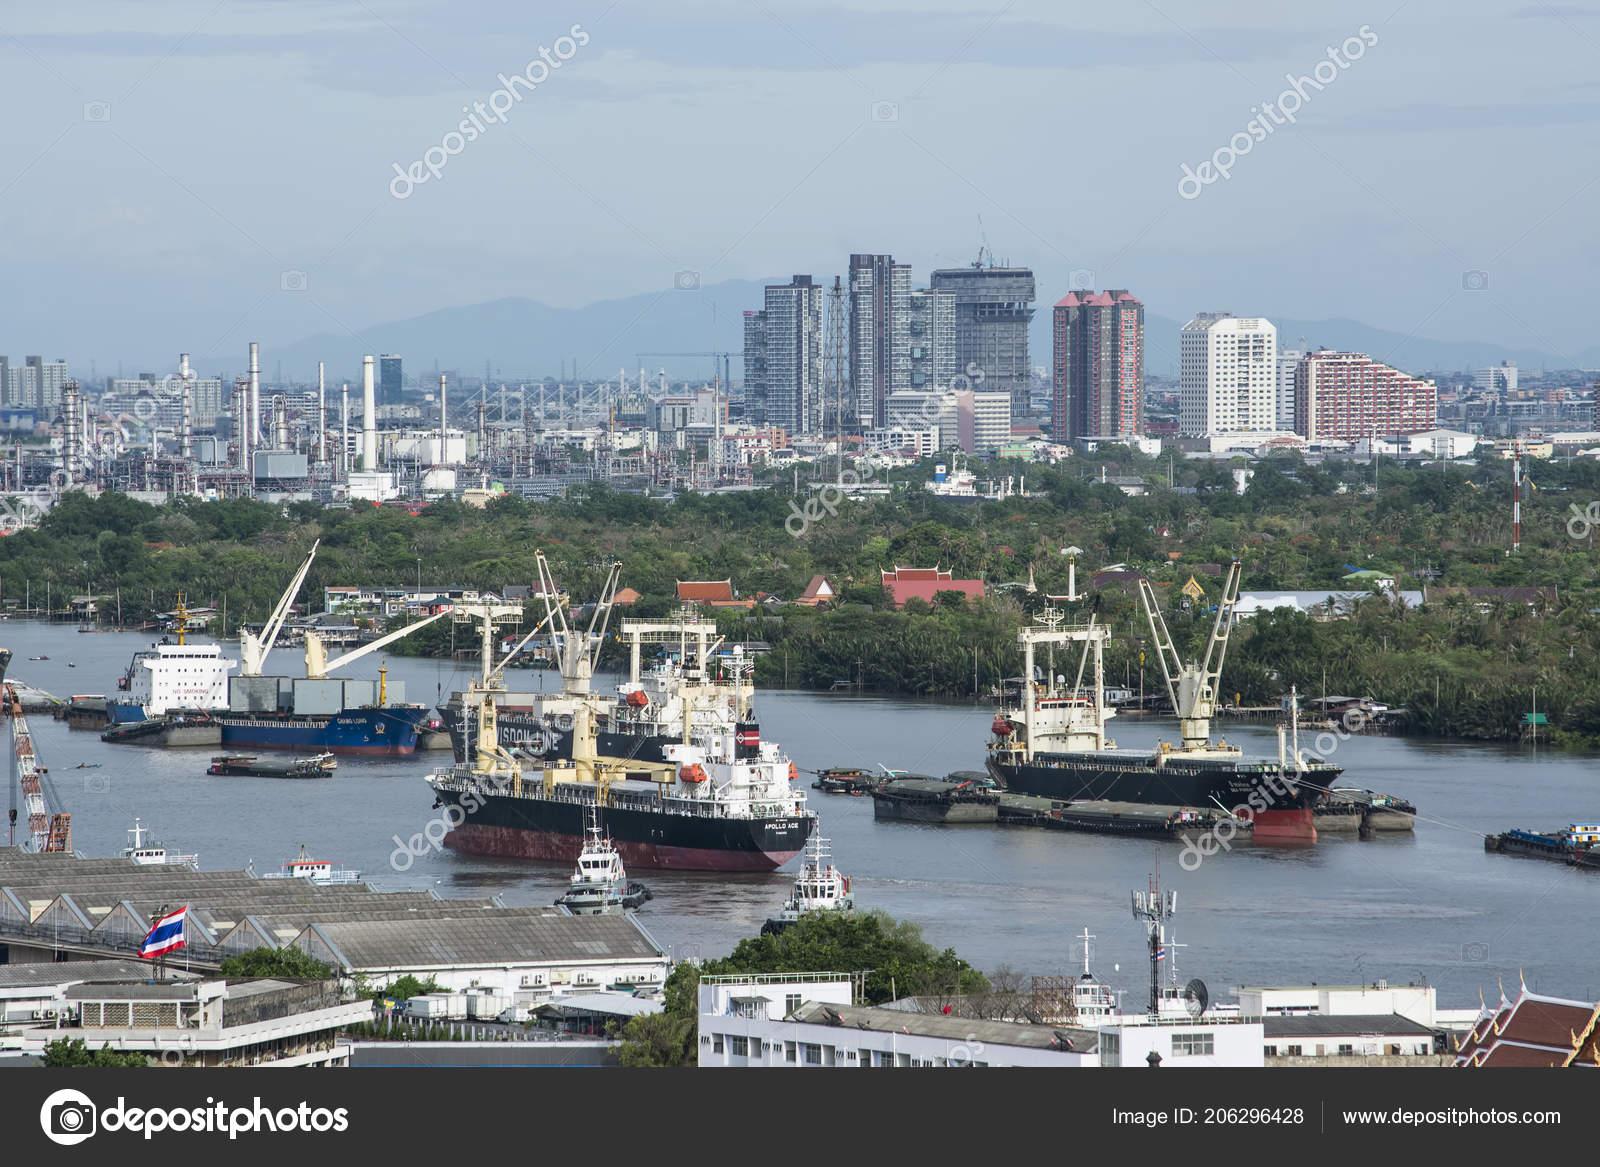 Bangkok Thailand May 2016 Industrial Shipping Port Loaded